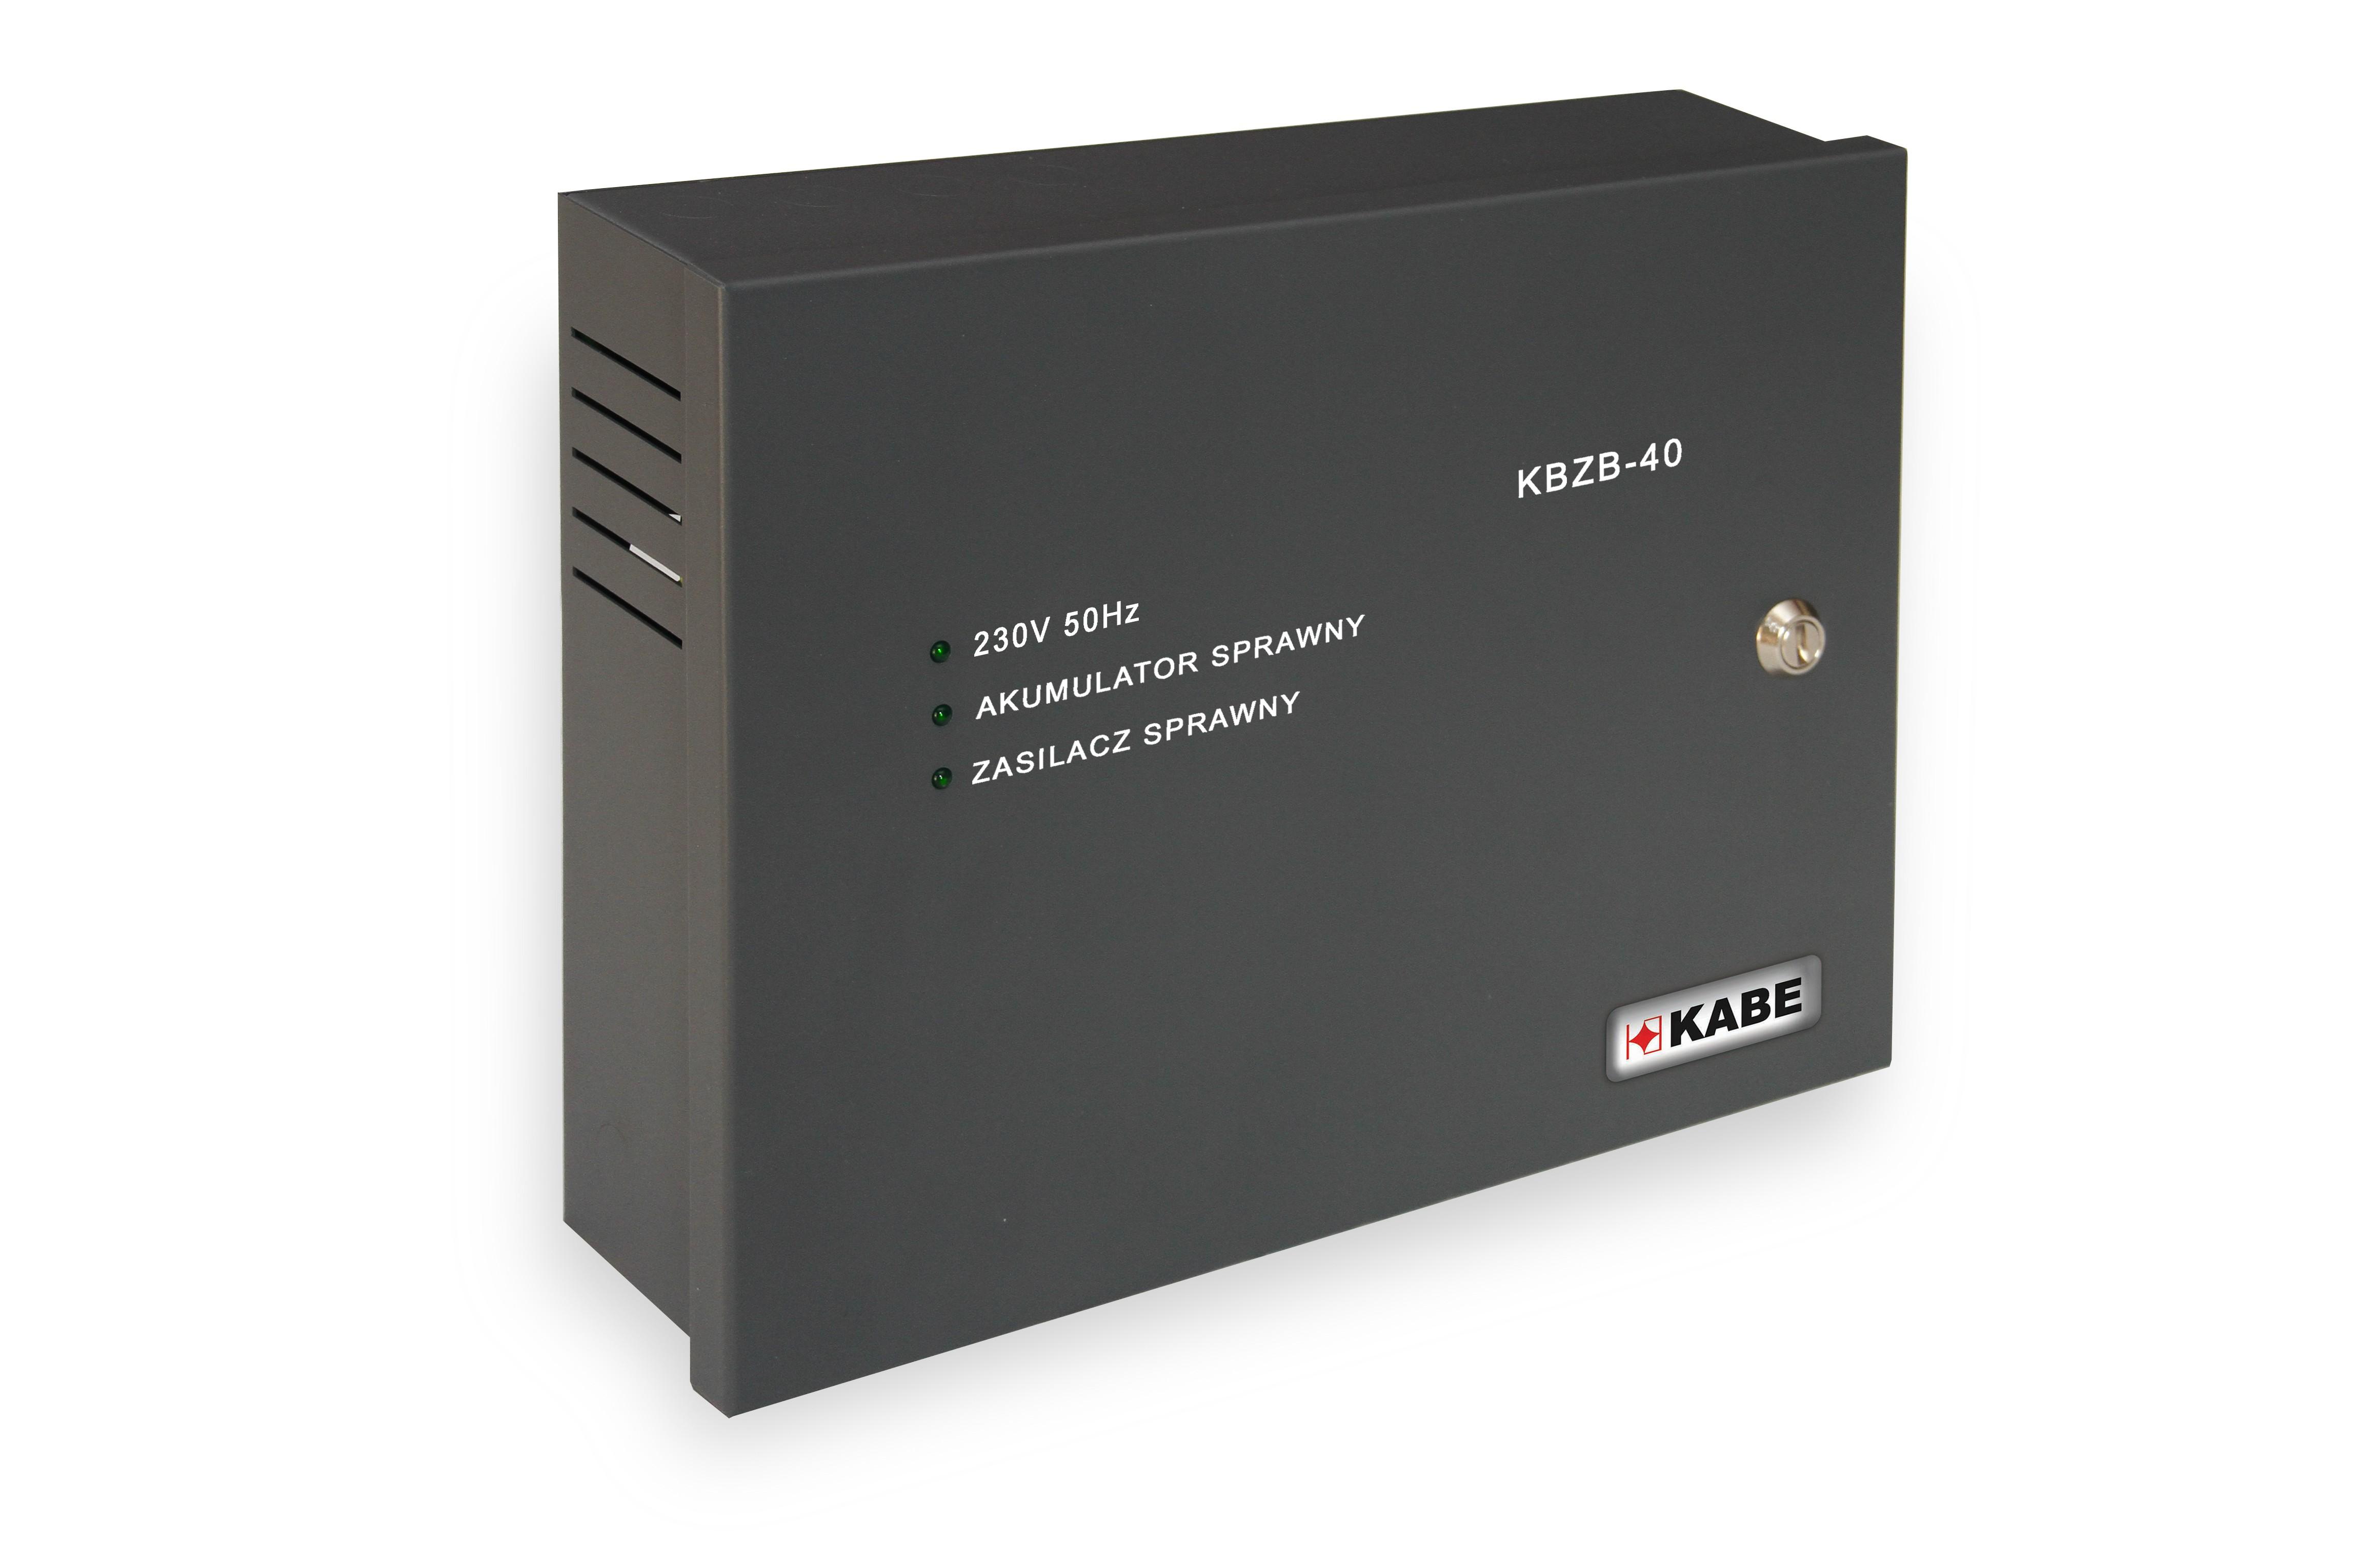 Zasilacz buforowy KBZB-40 5,5A/26Ah